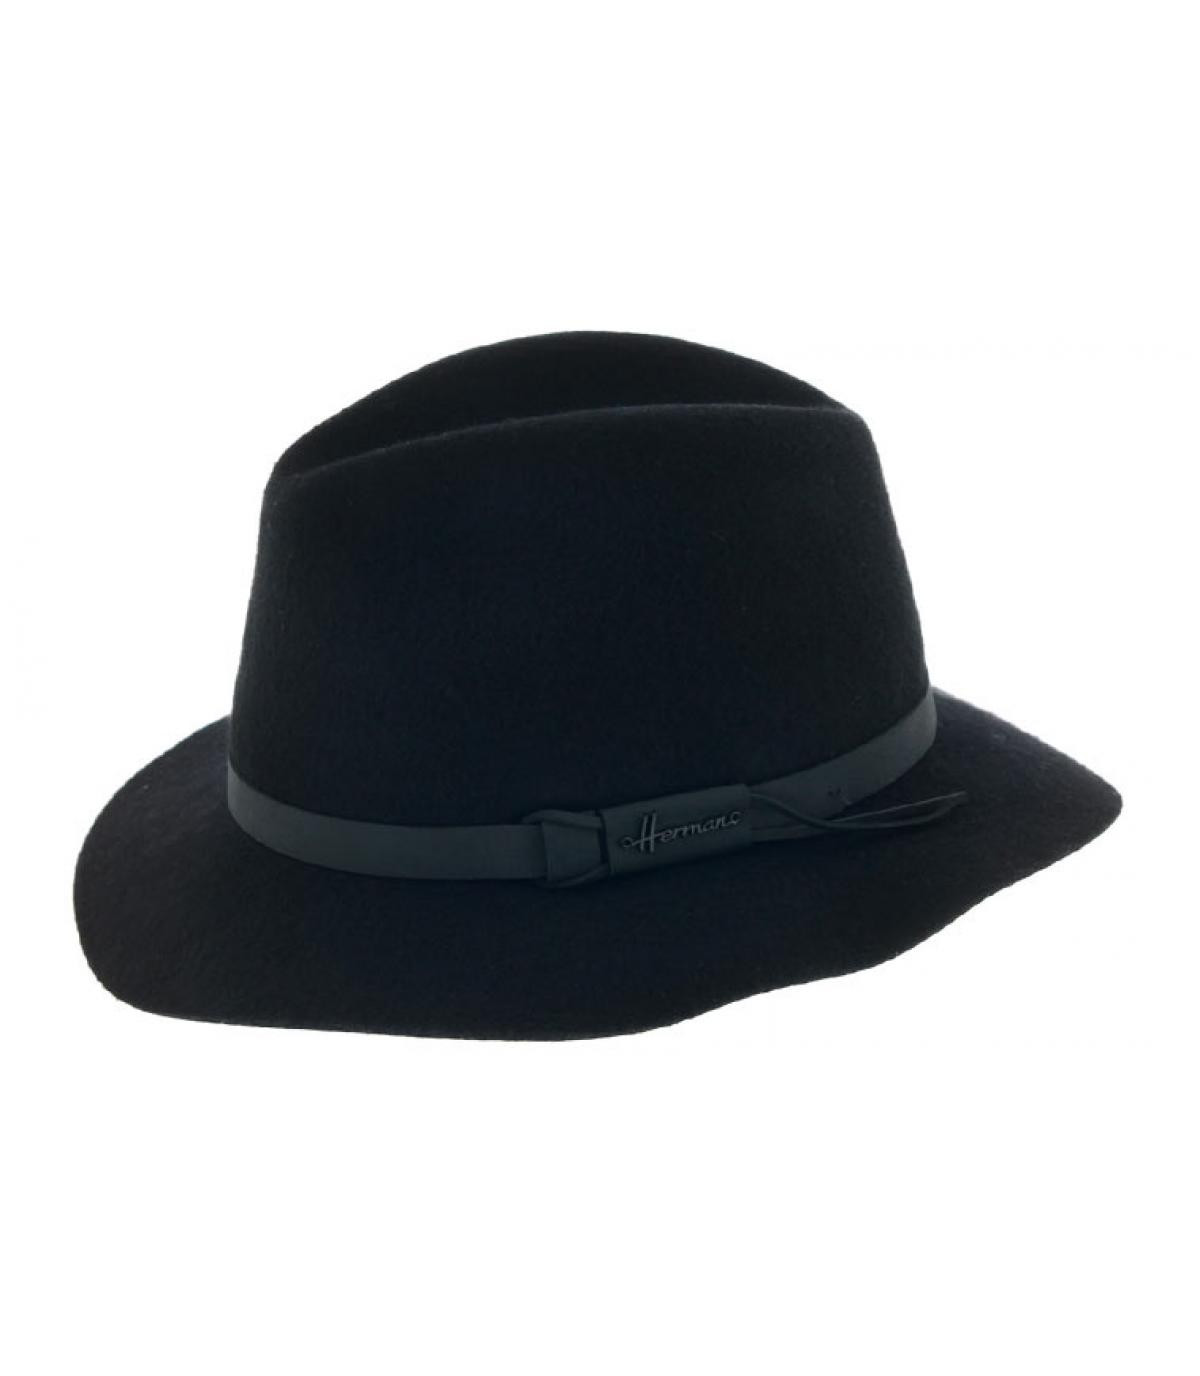 black foldable fedora